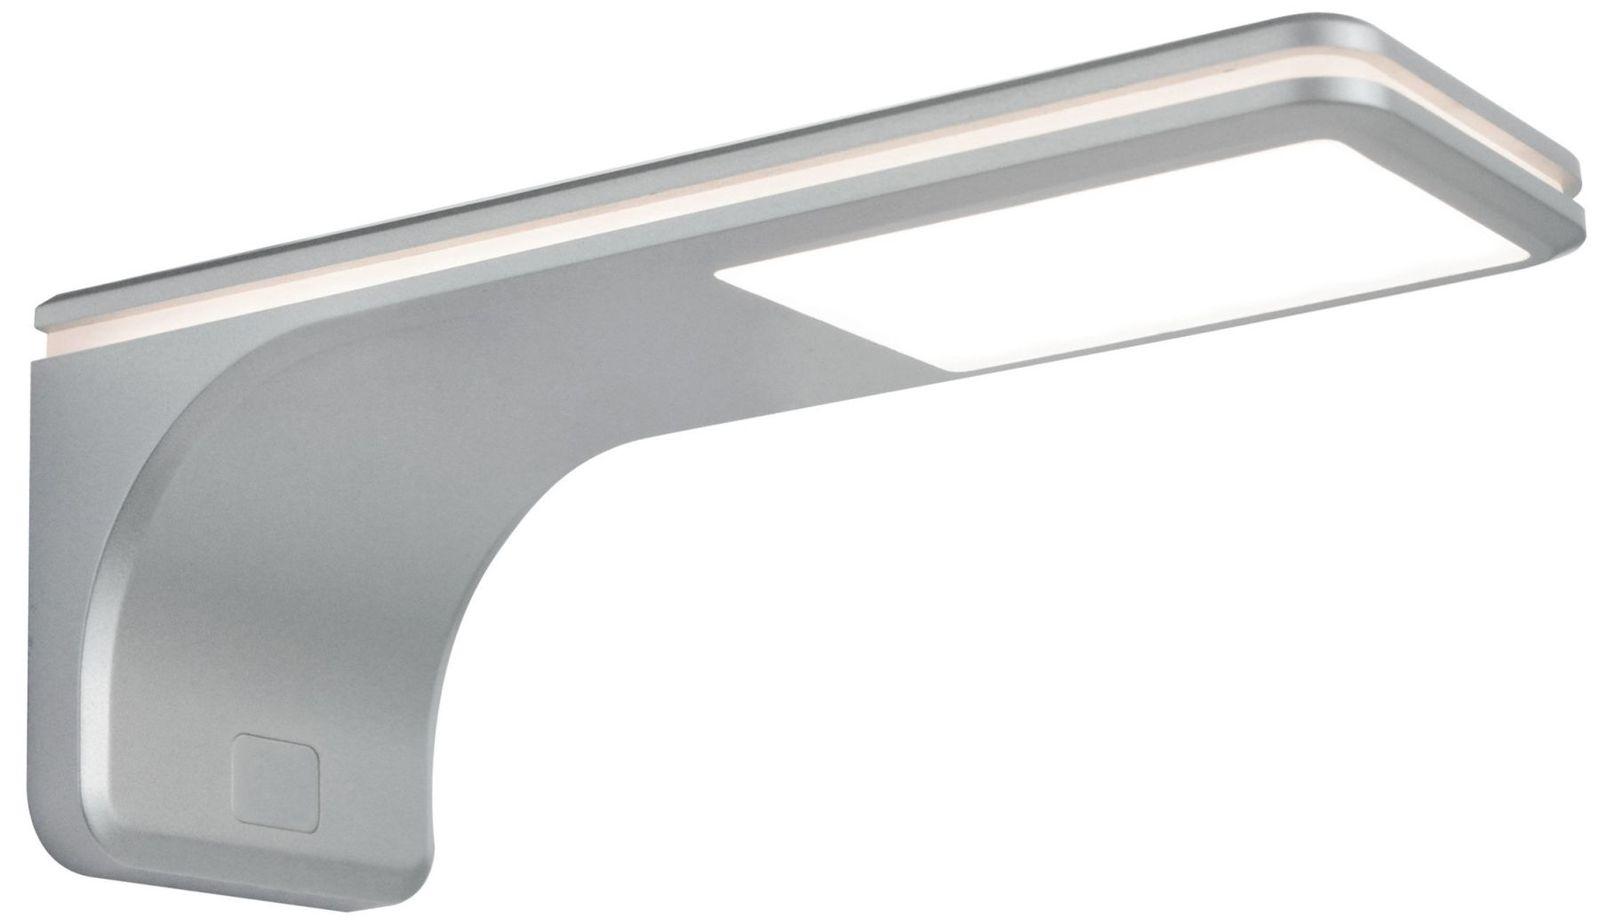 LED Küchen Ergänzungs Unterbauleuchte ERLE Neutralweiss Zusatzleuchte 563999